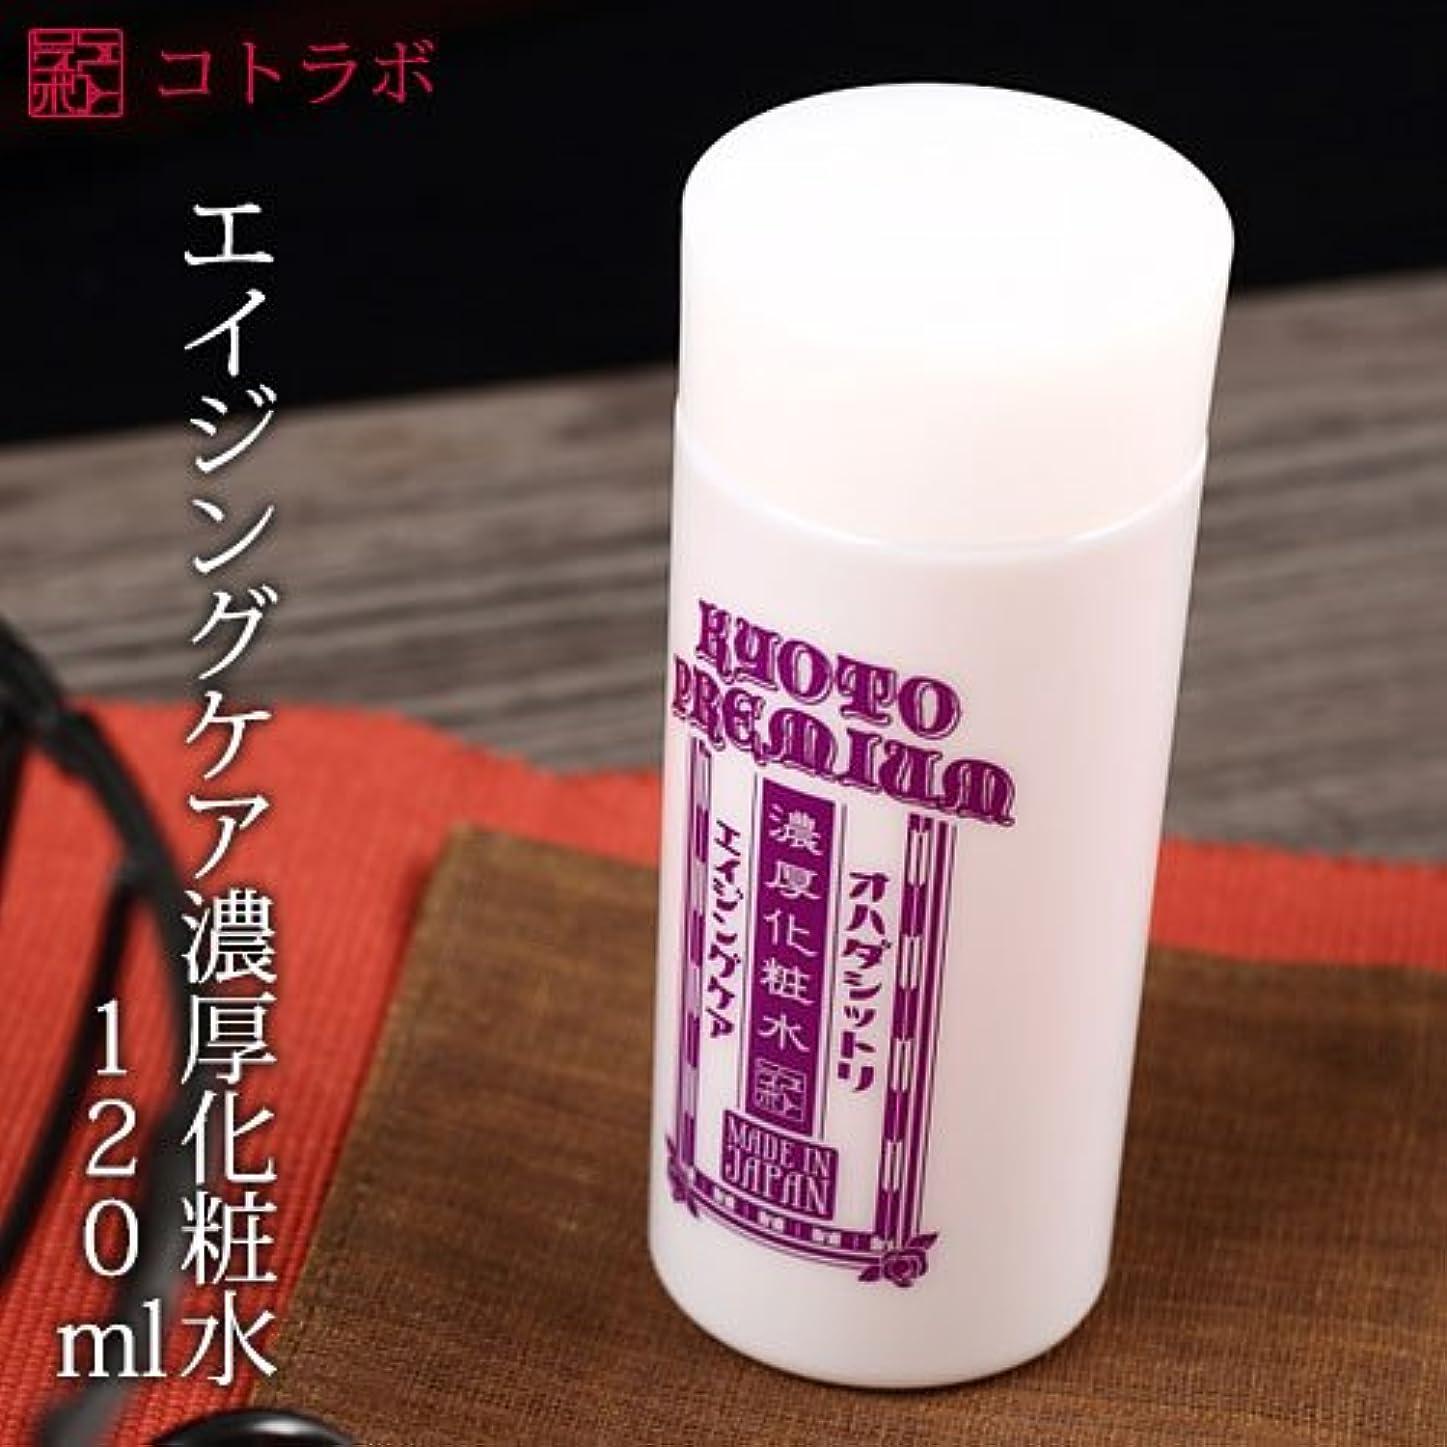 地上のゲート置換コトラボ濃厚化粧水コンセントレイトローションナールスゲン配合のエイジングケア化粧水120ml